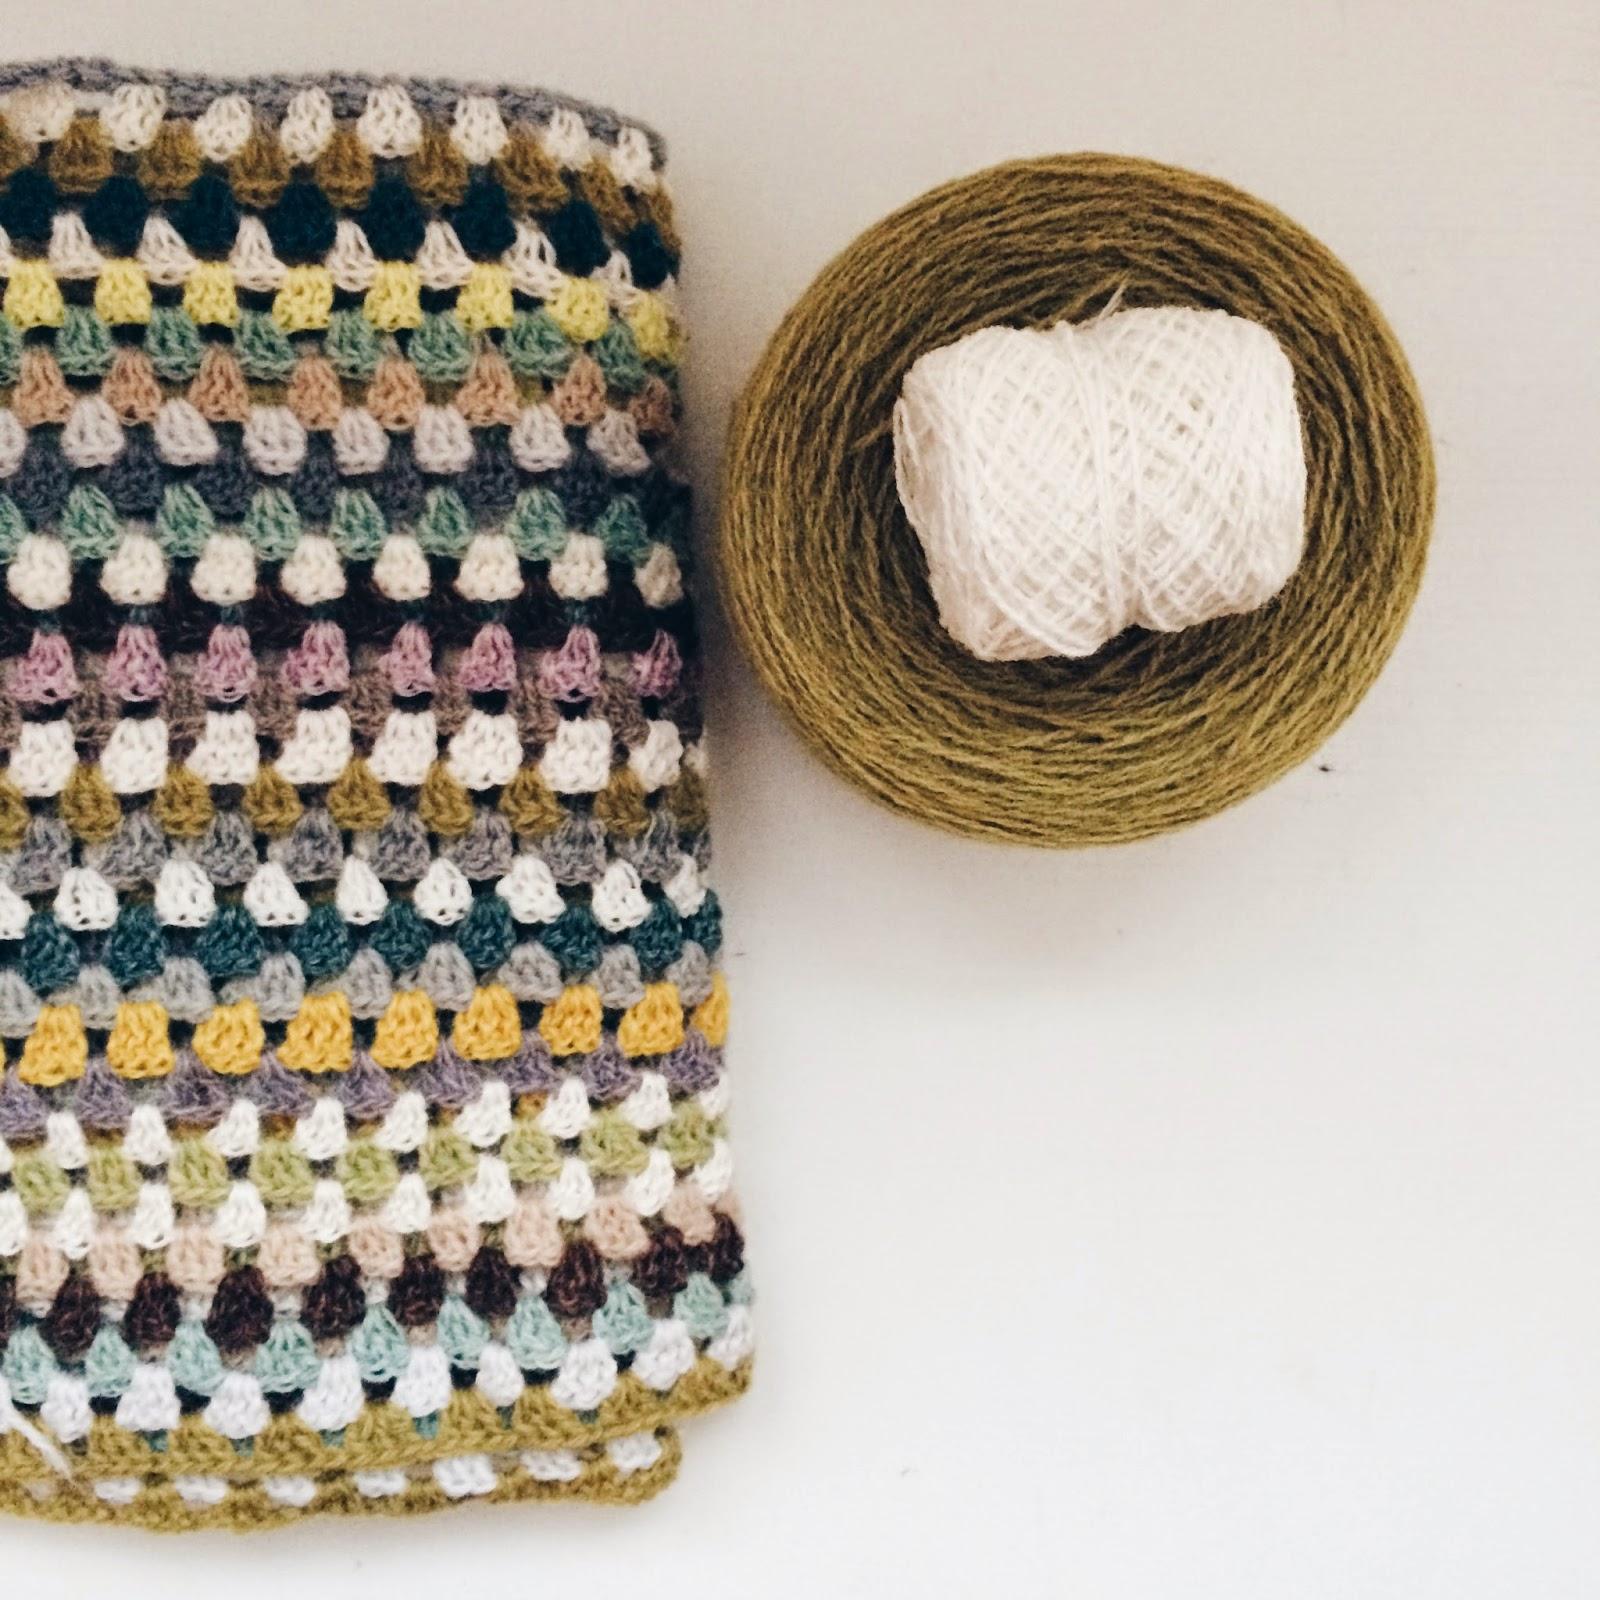 Grannystripes, crochet blanket made by Meraki